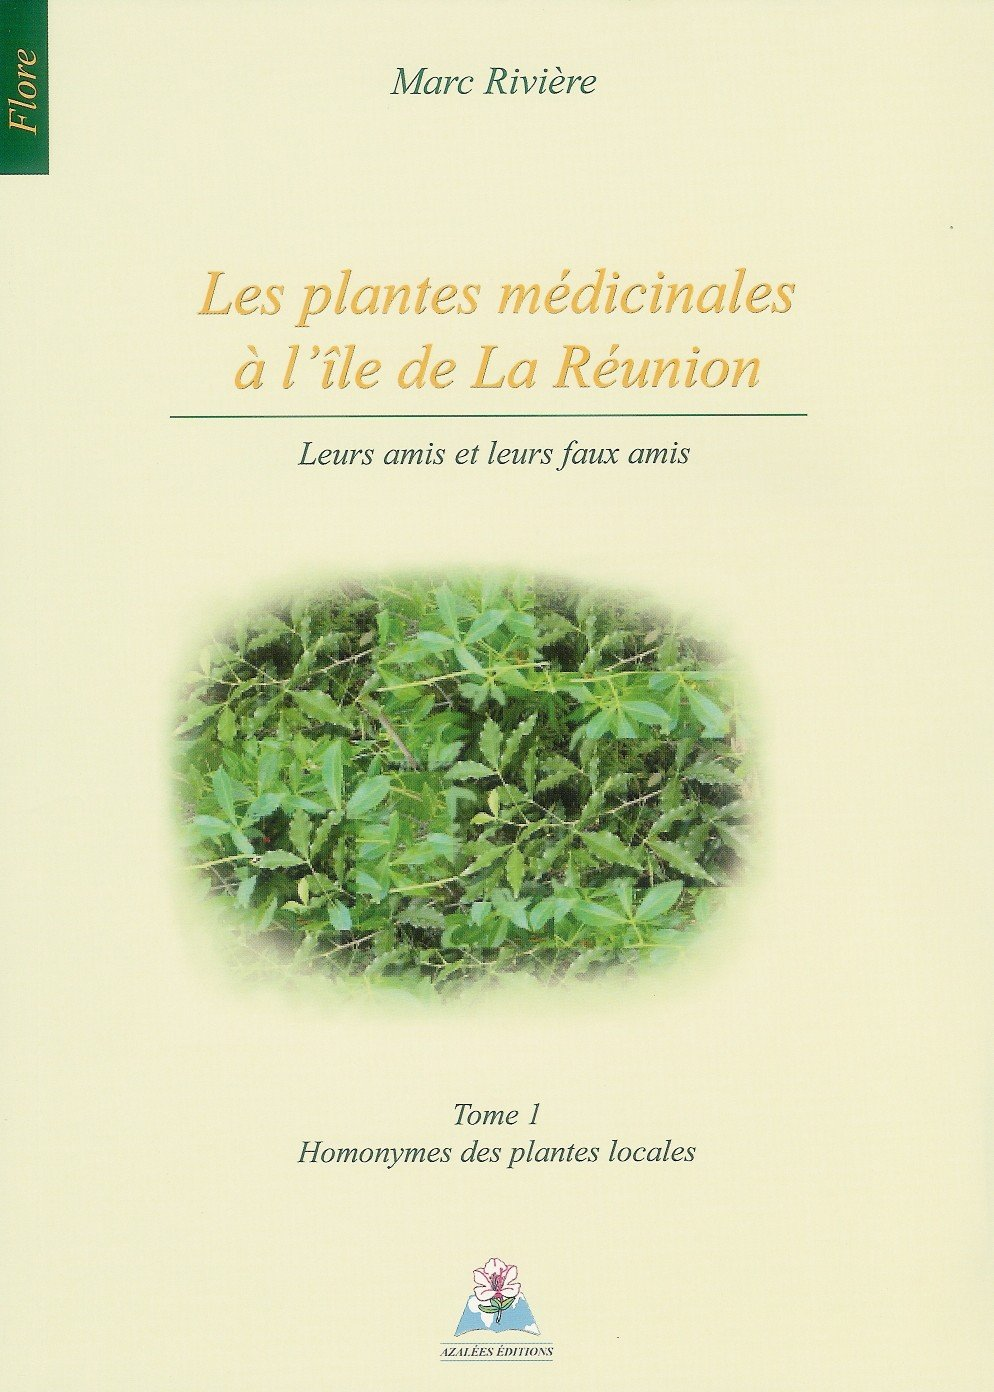 Les plantes médicinales à l'île de La Réunion, Leurs amis et leurs faux amis